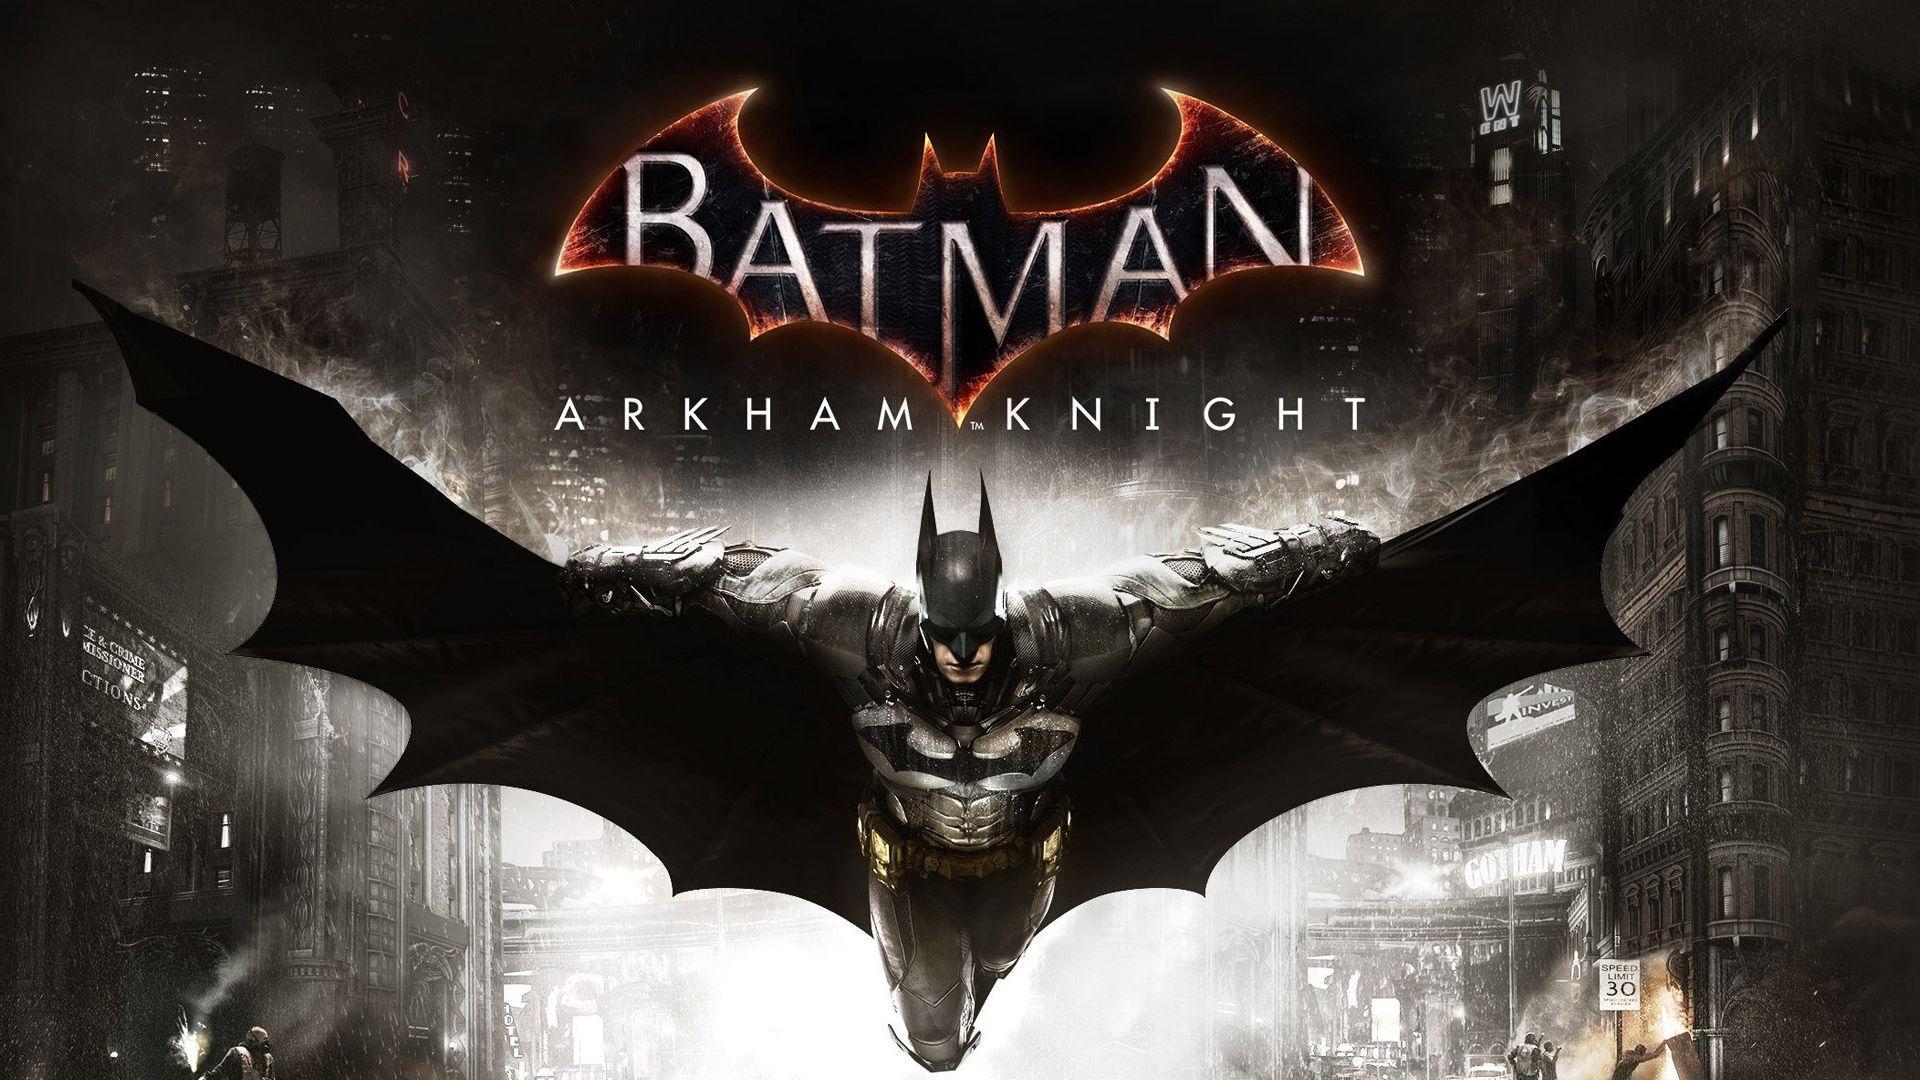 Batman Arkham Knight Wallpaper PC 798